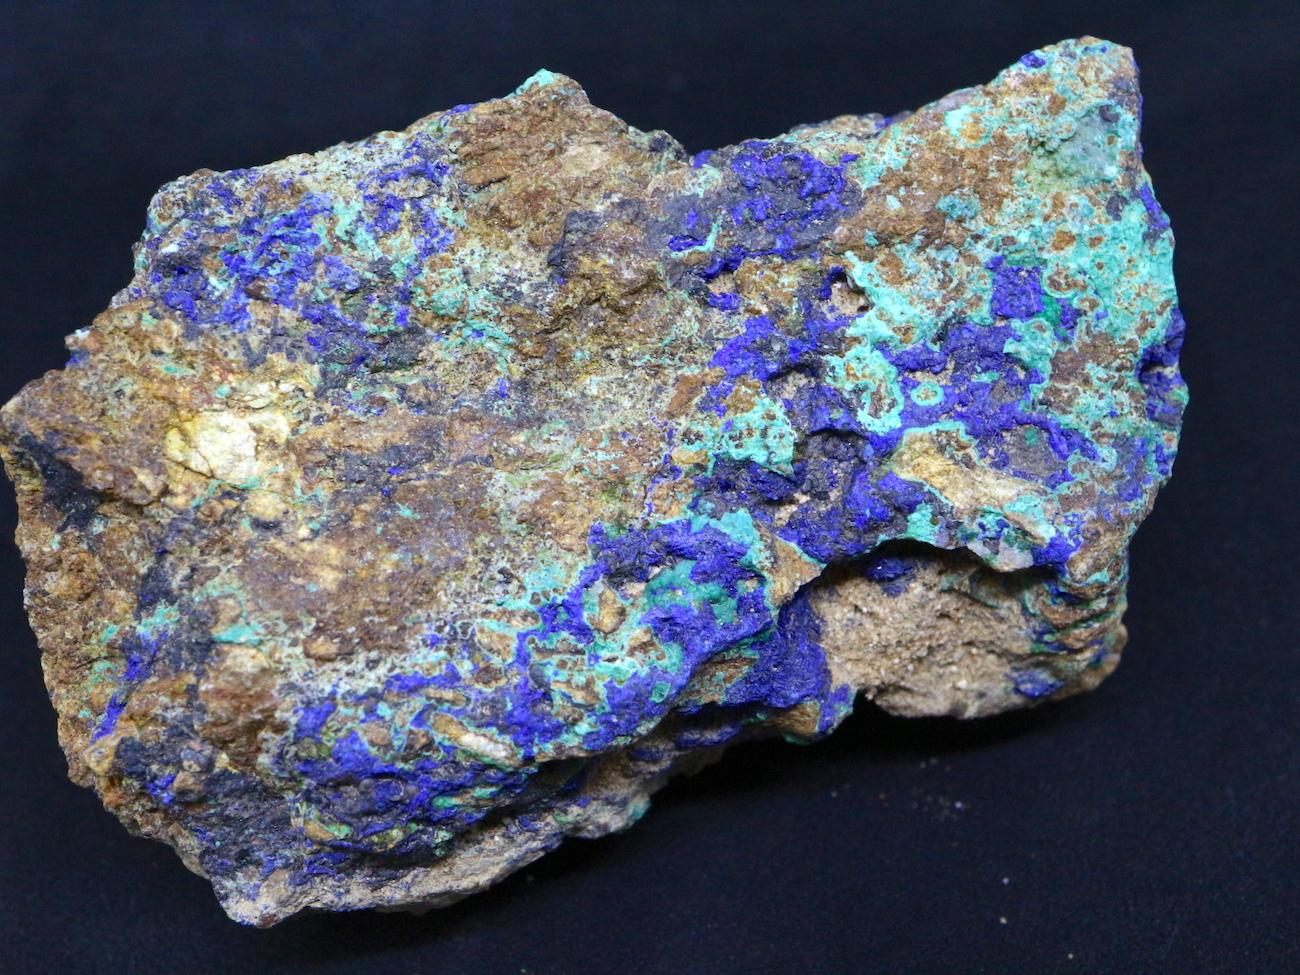 アリゾナ産 アズライト アジュライト 129g 原石 鉱物 標本 AZR003